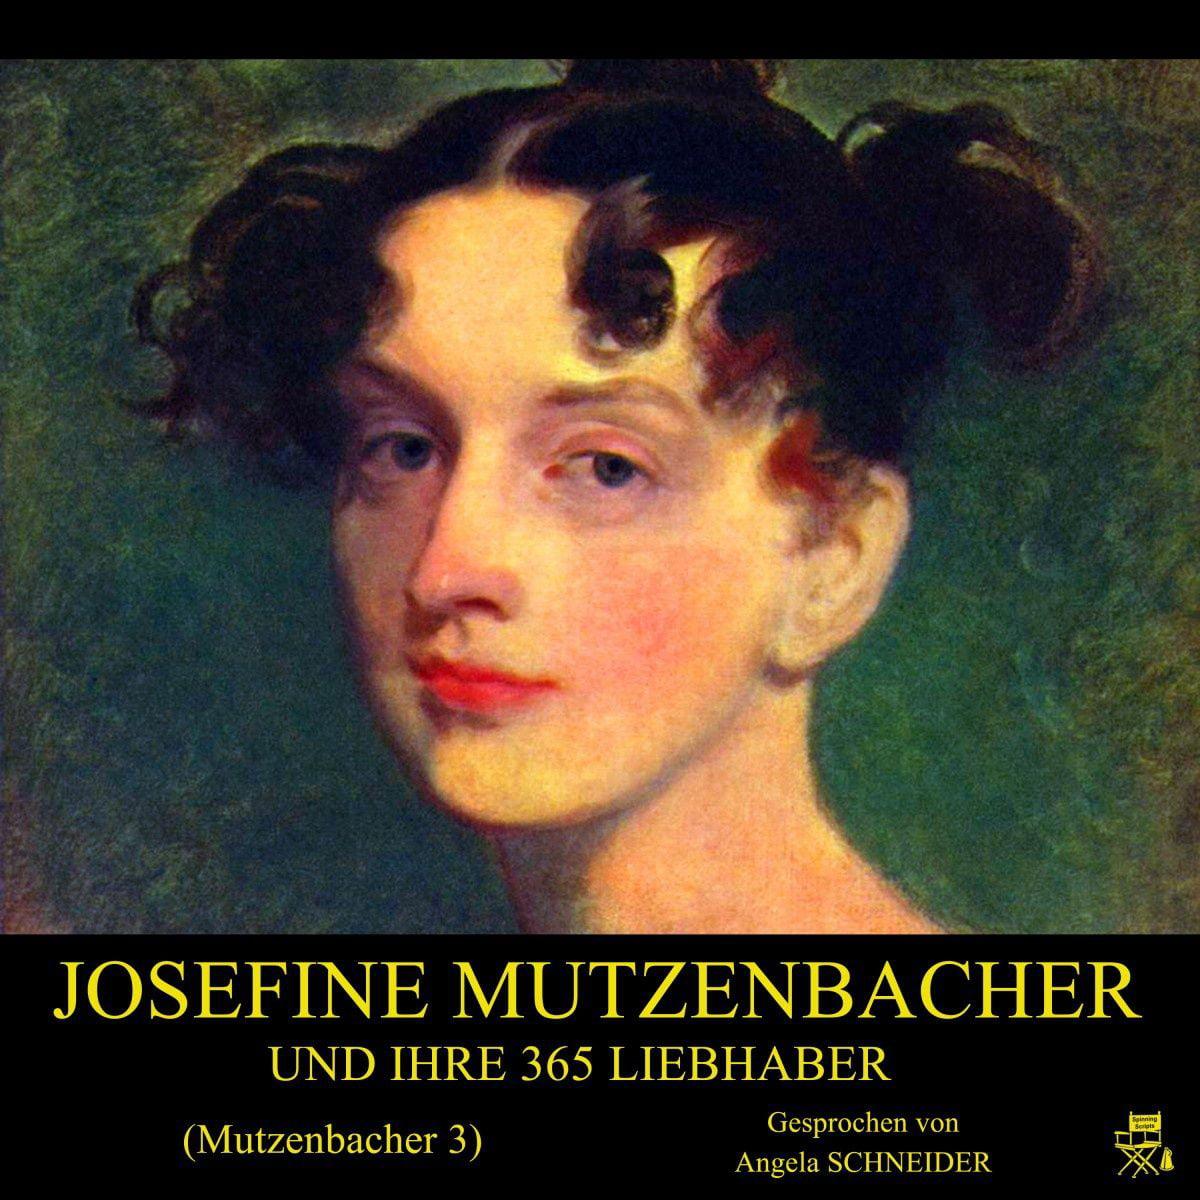 Josefine Mutzenbacher und ihre 365 Liebhaber (Mutzenbacher